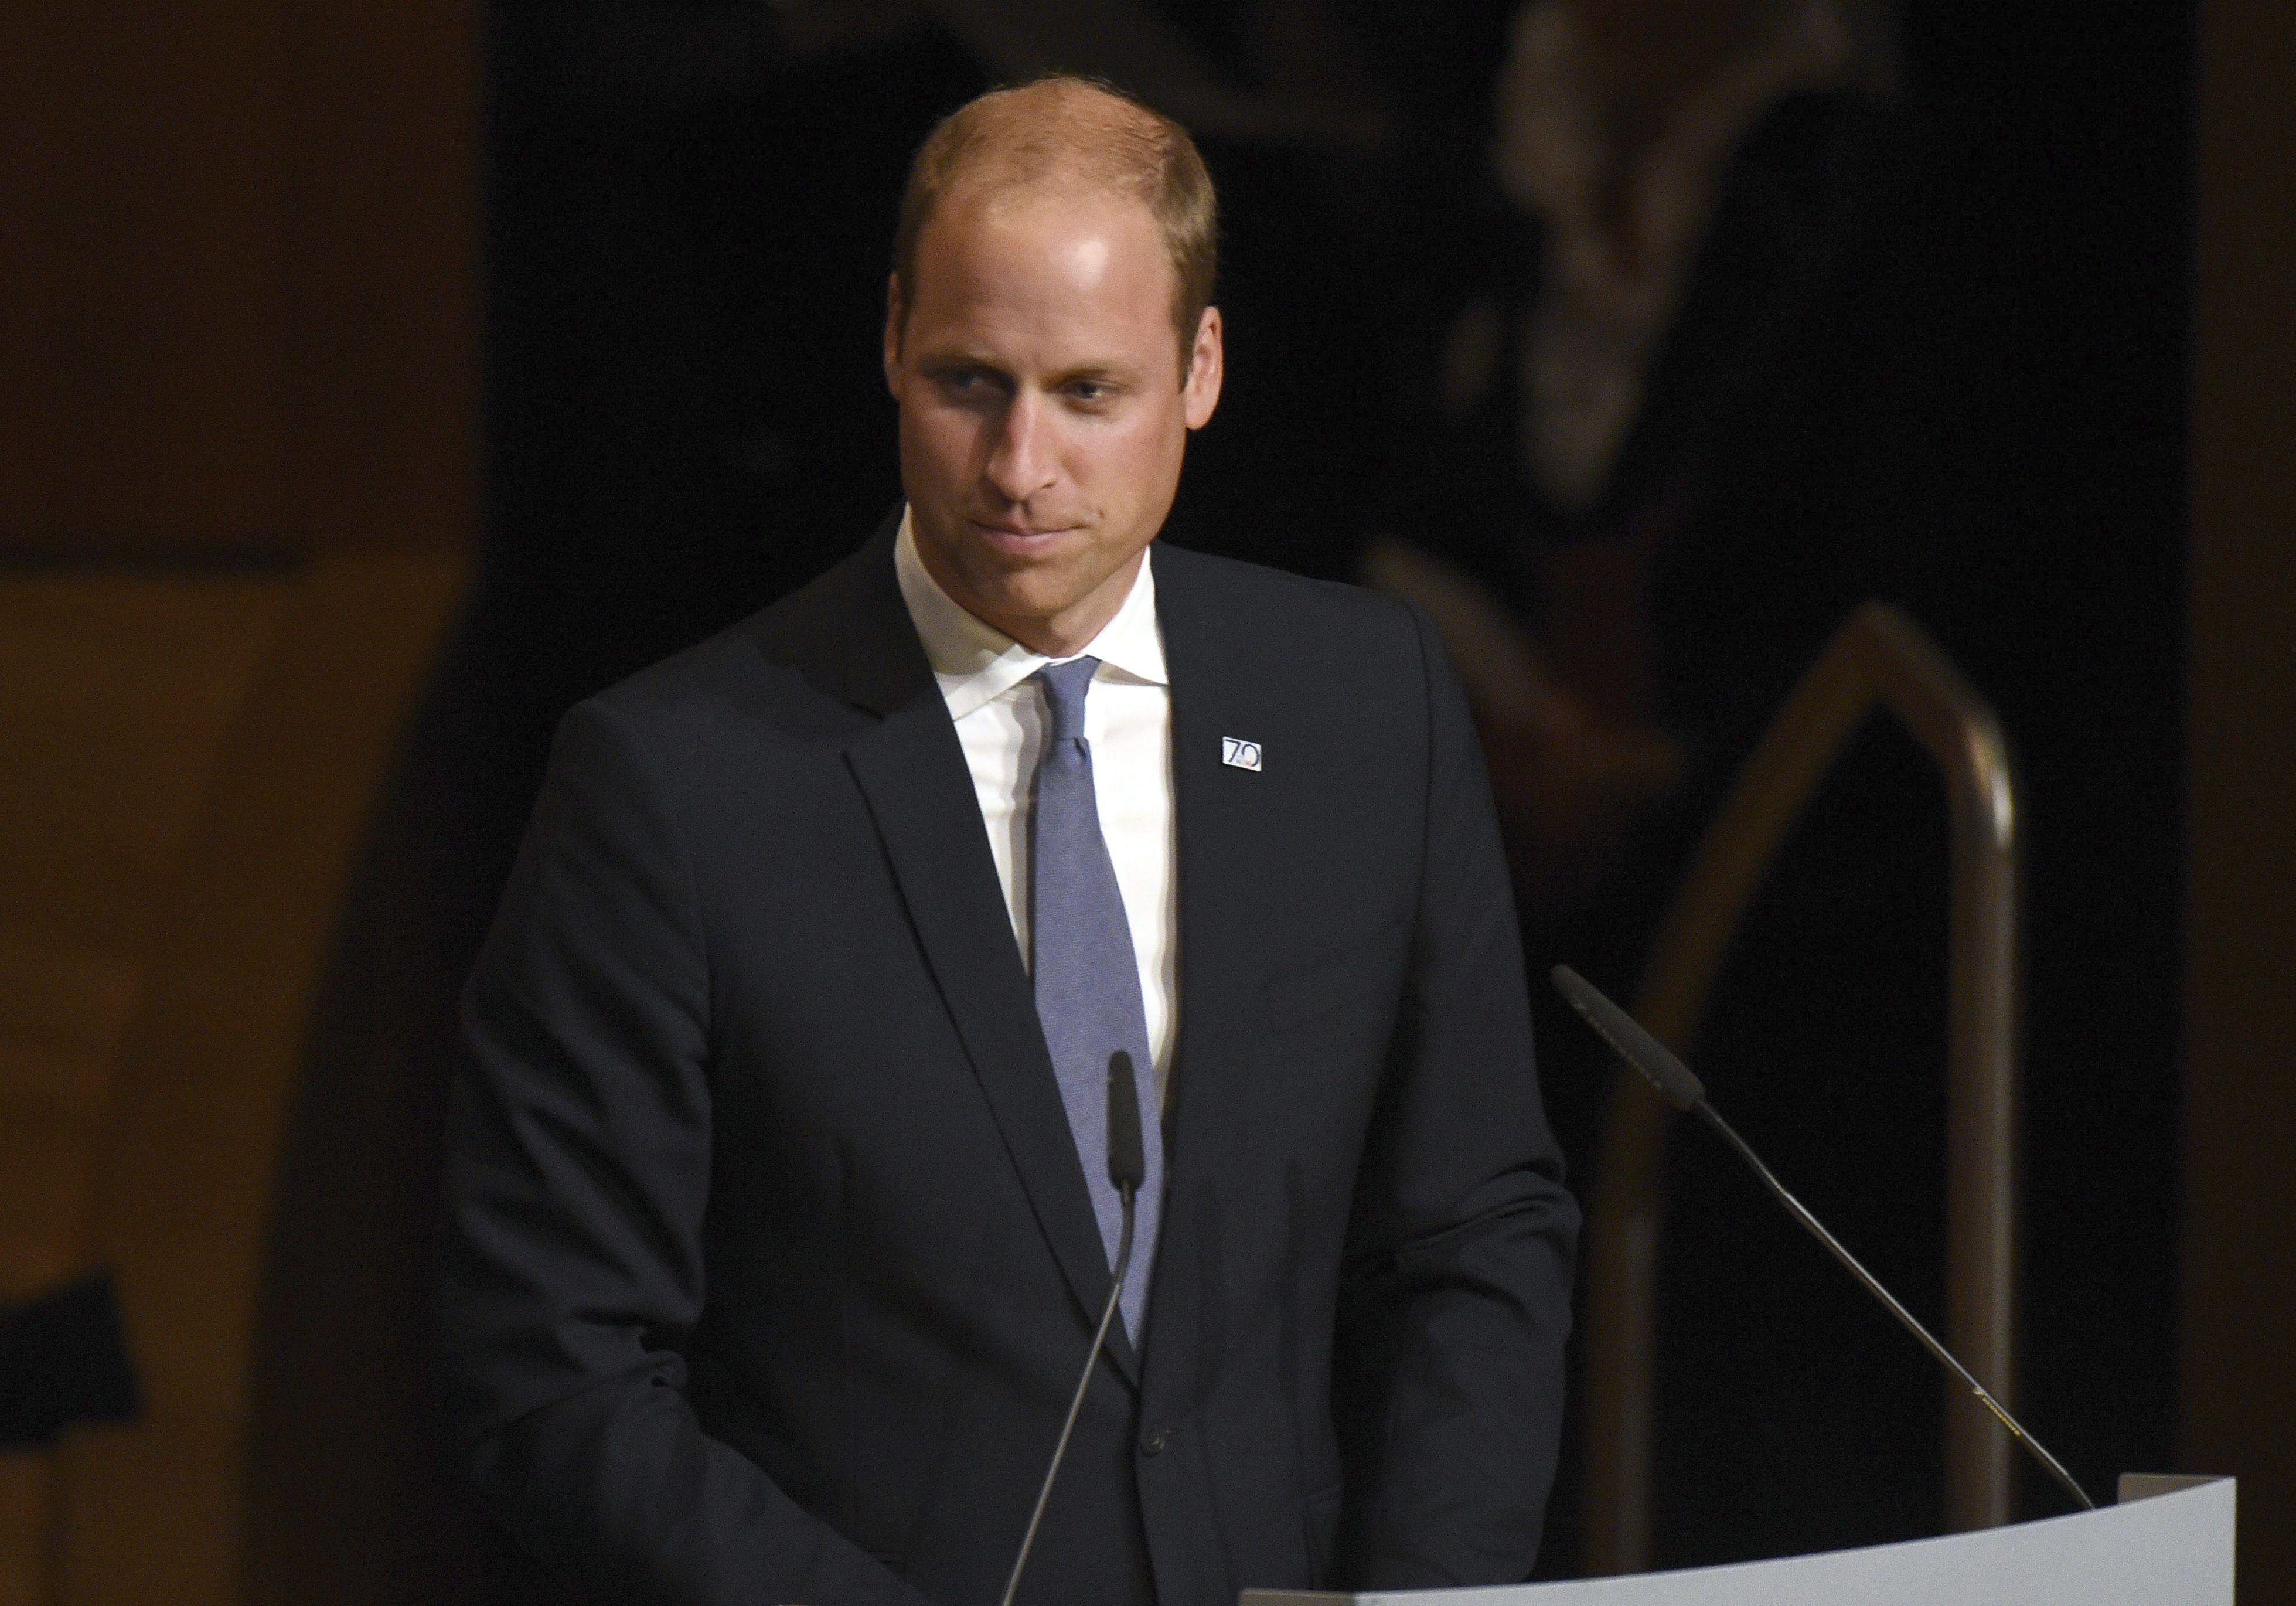 Príncipe Guillermo Inglaterra Reino Unido - EFE